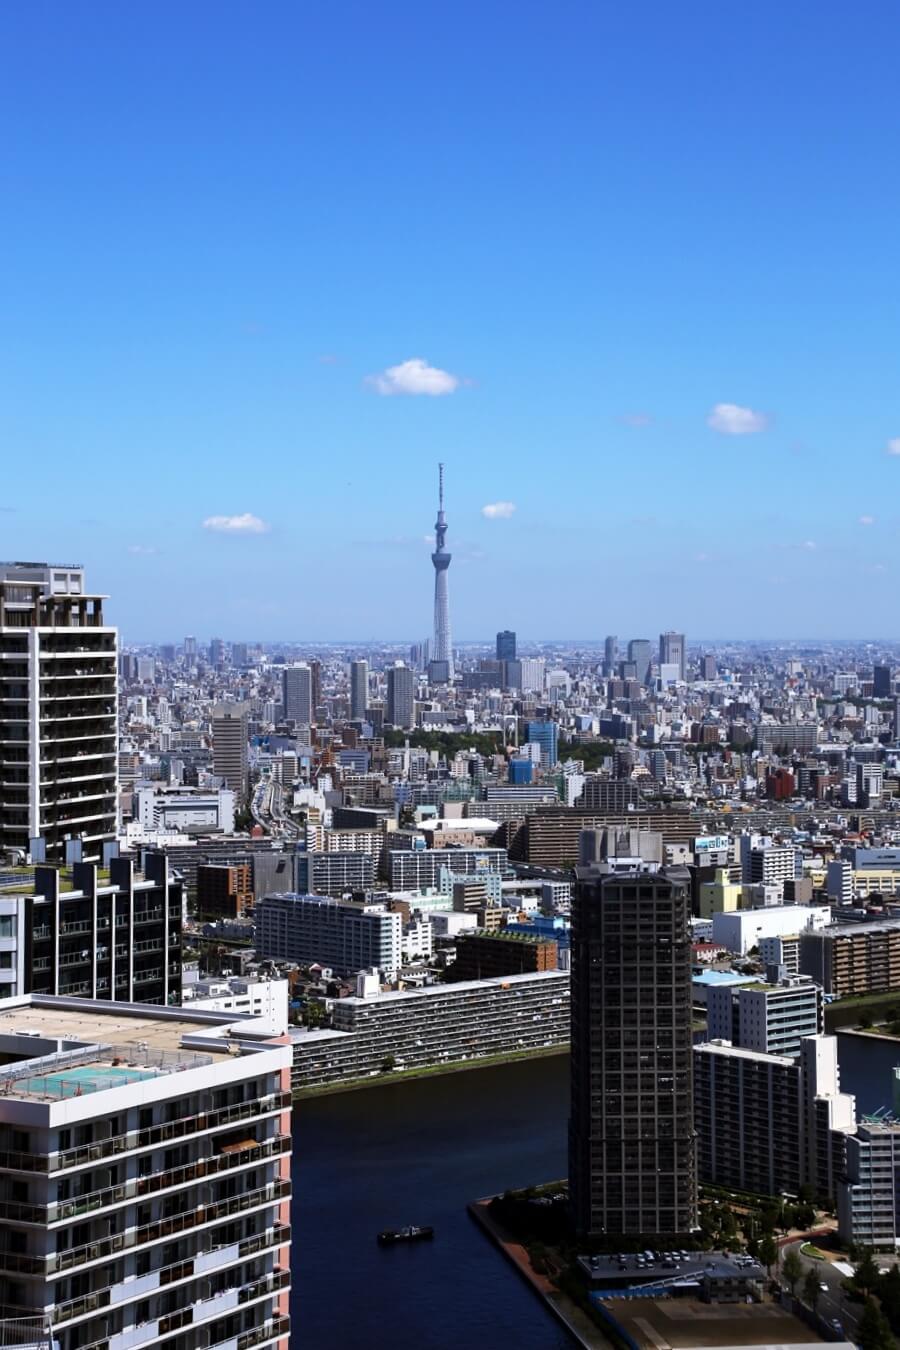 東雲から眺める東京スカイツリー tokyo_skytree (2)